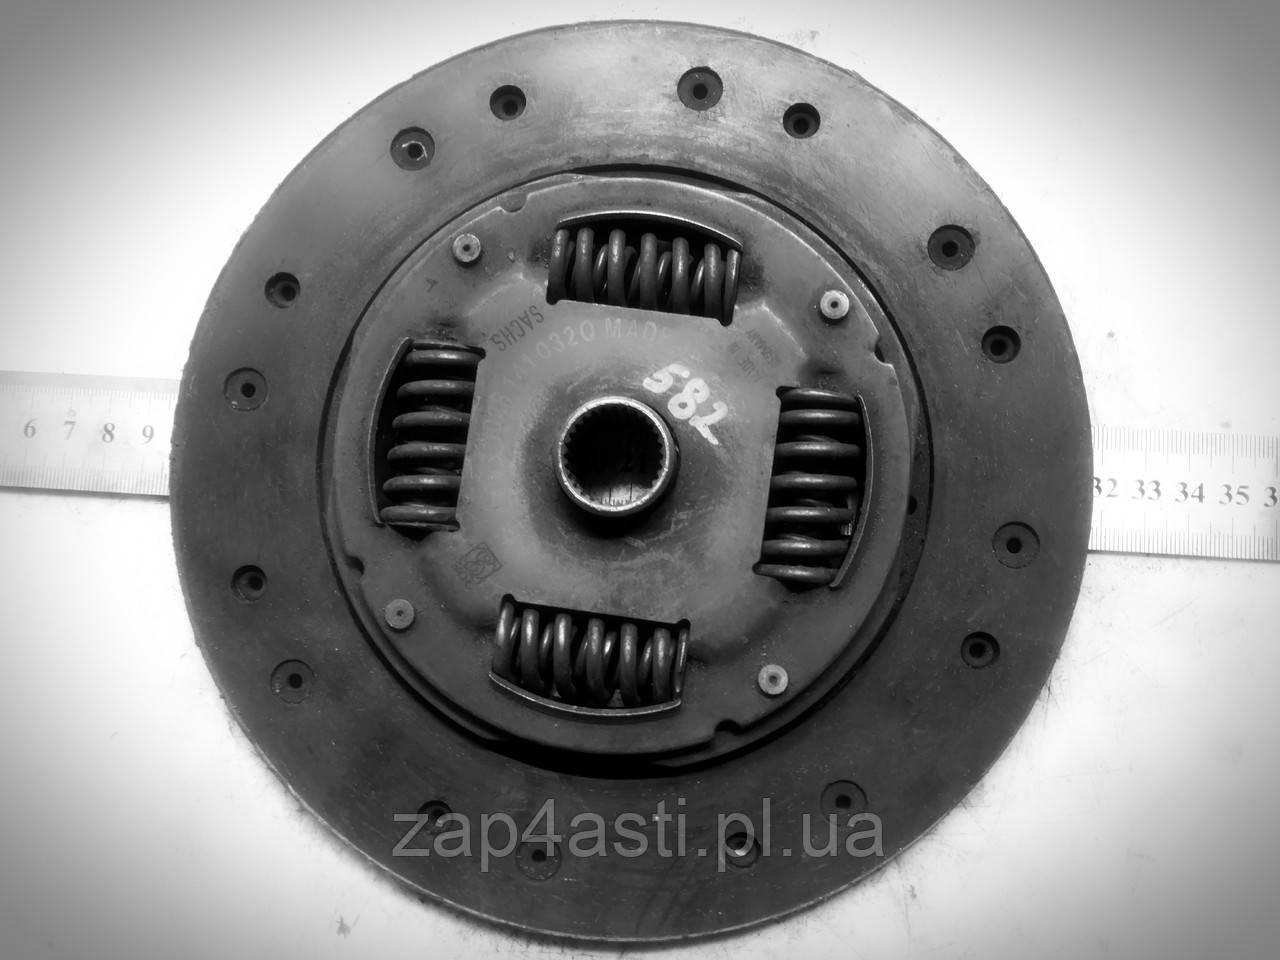 028141032Q диск сцепления VW Passat 1,6-2,0 VW T4 SACHS